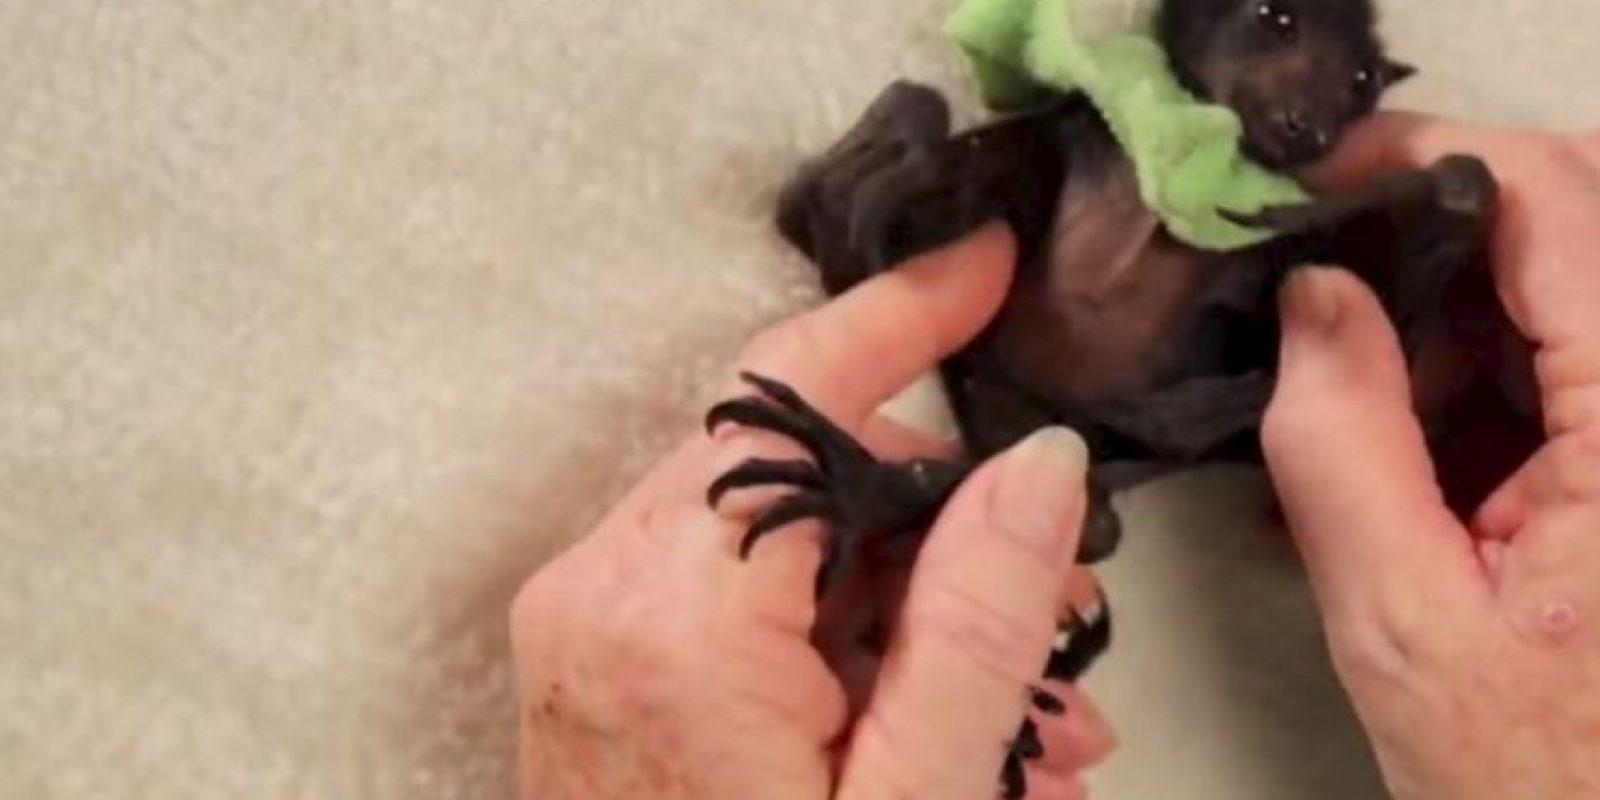 La organización Australian Bat Clinic cuida de ellos. Foto:vía Wakaleo/Youtube